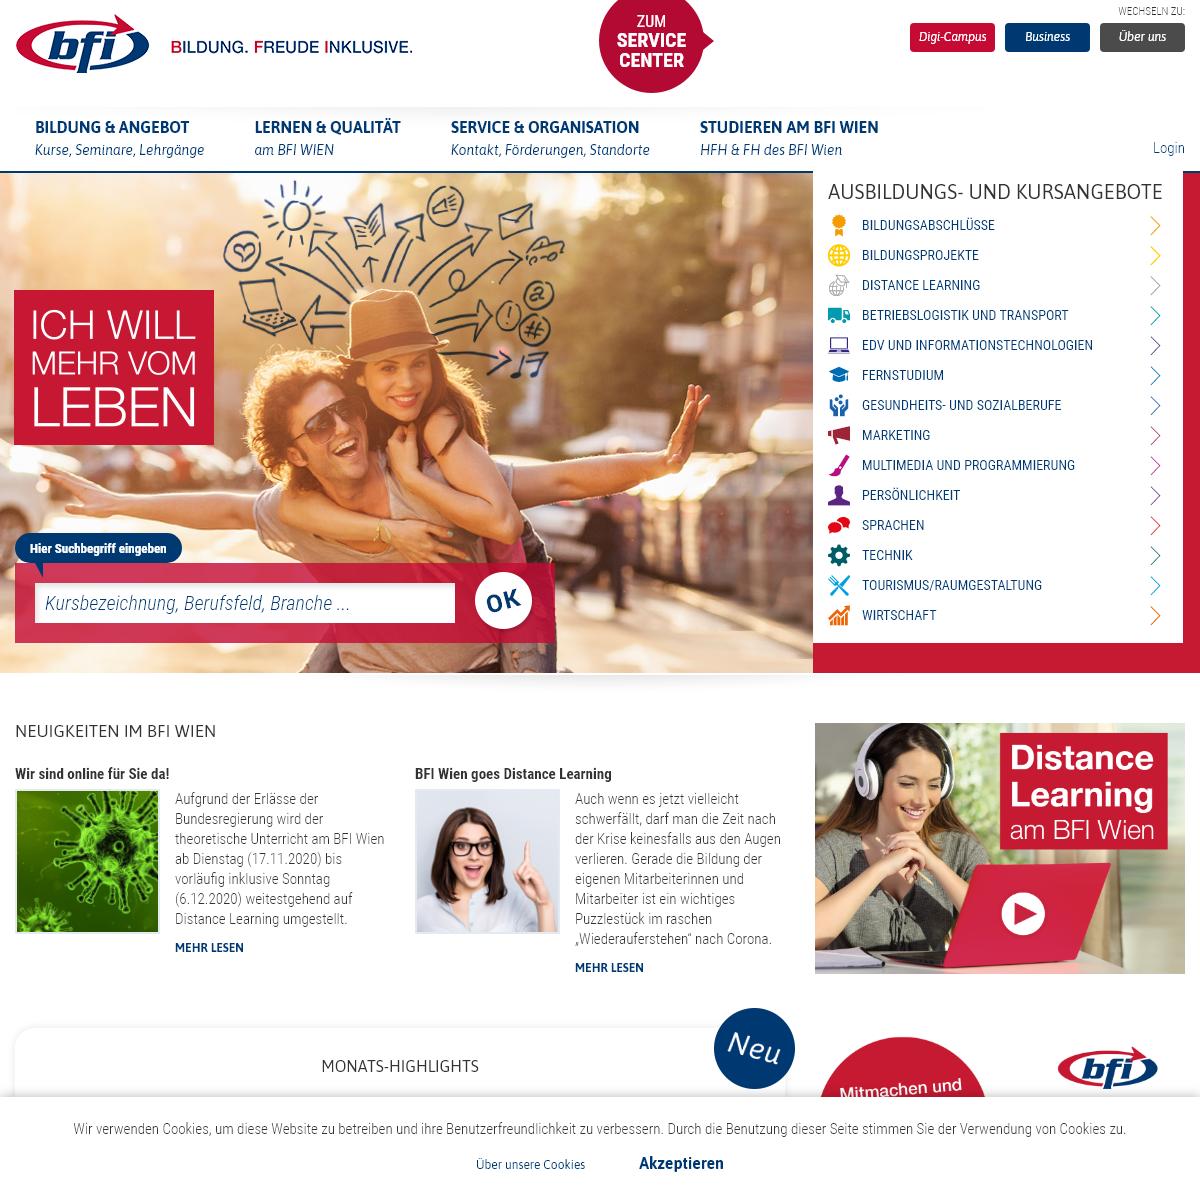 Ausbildung, Weiterbildung, Kurse, Seminare - BFI Wien